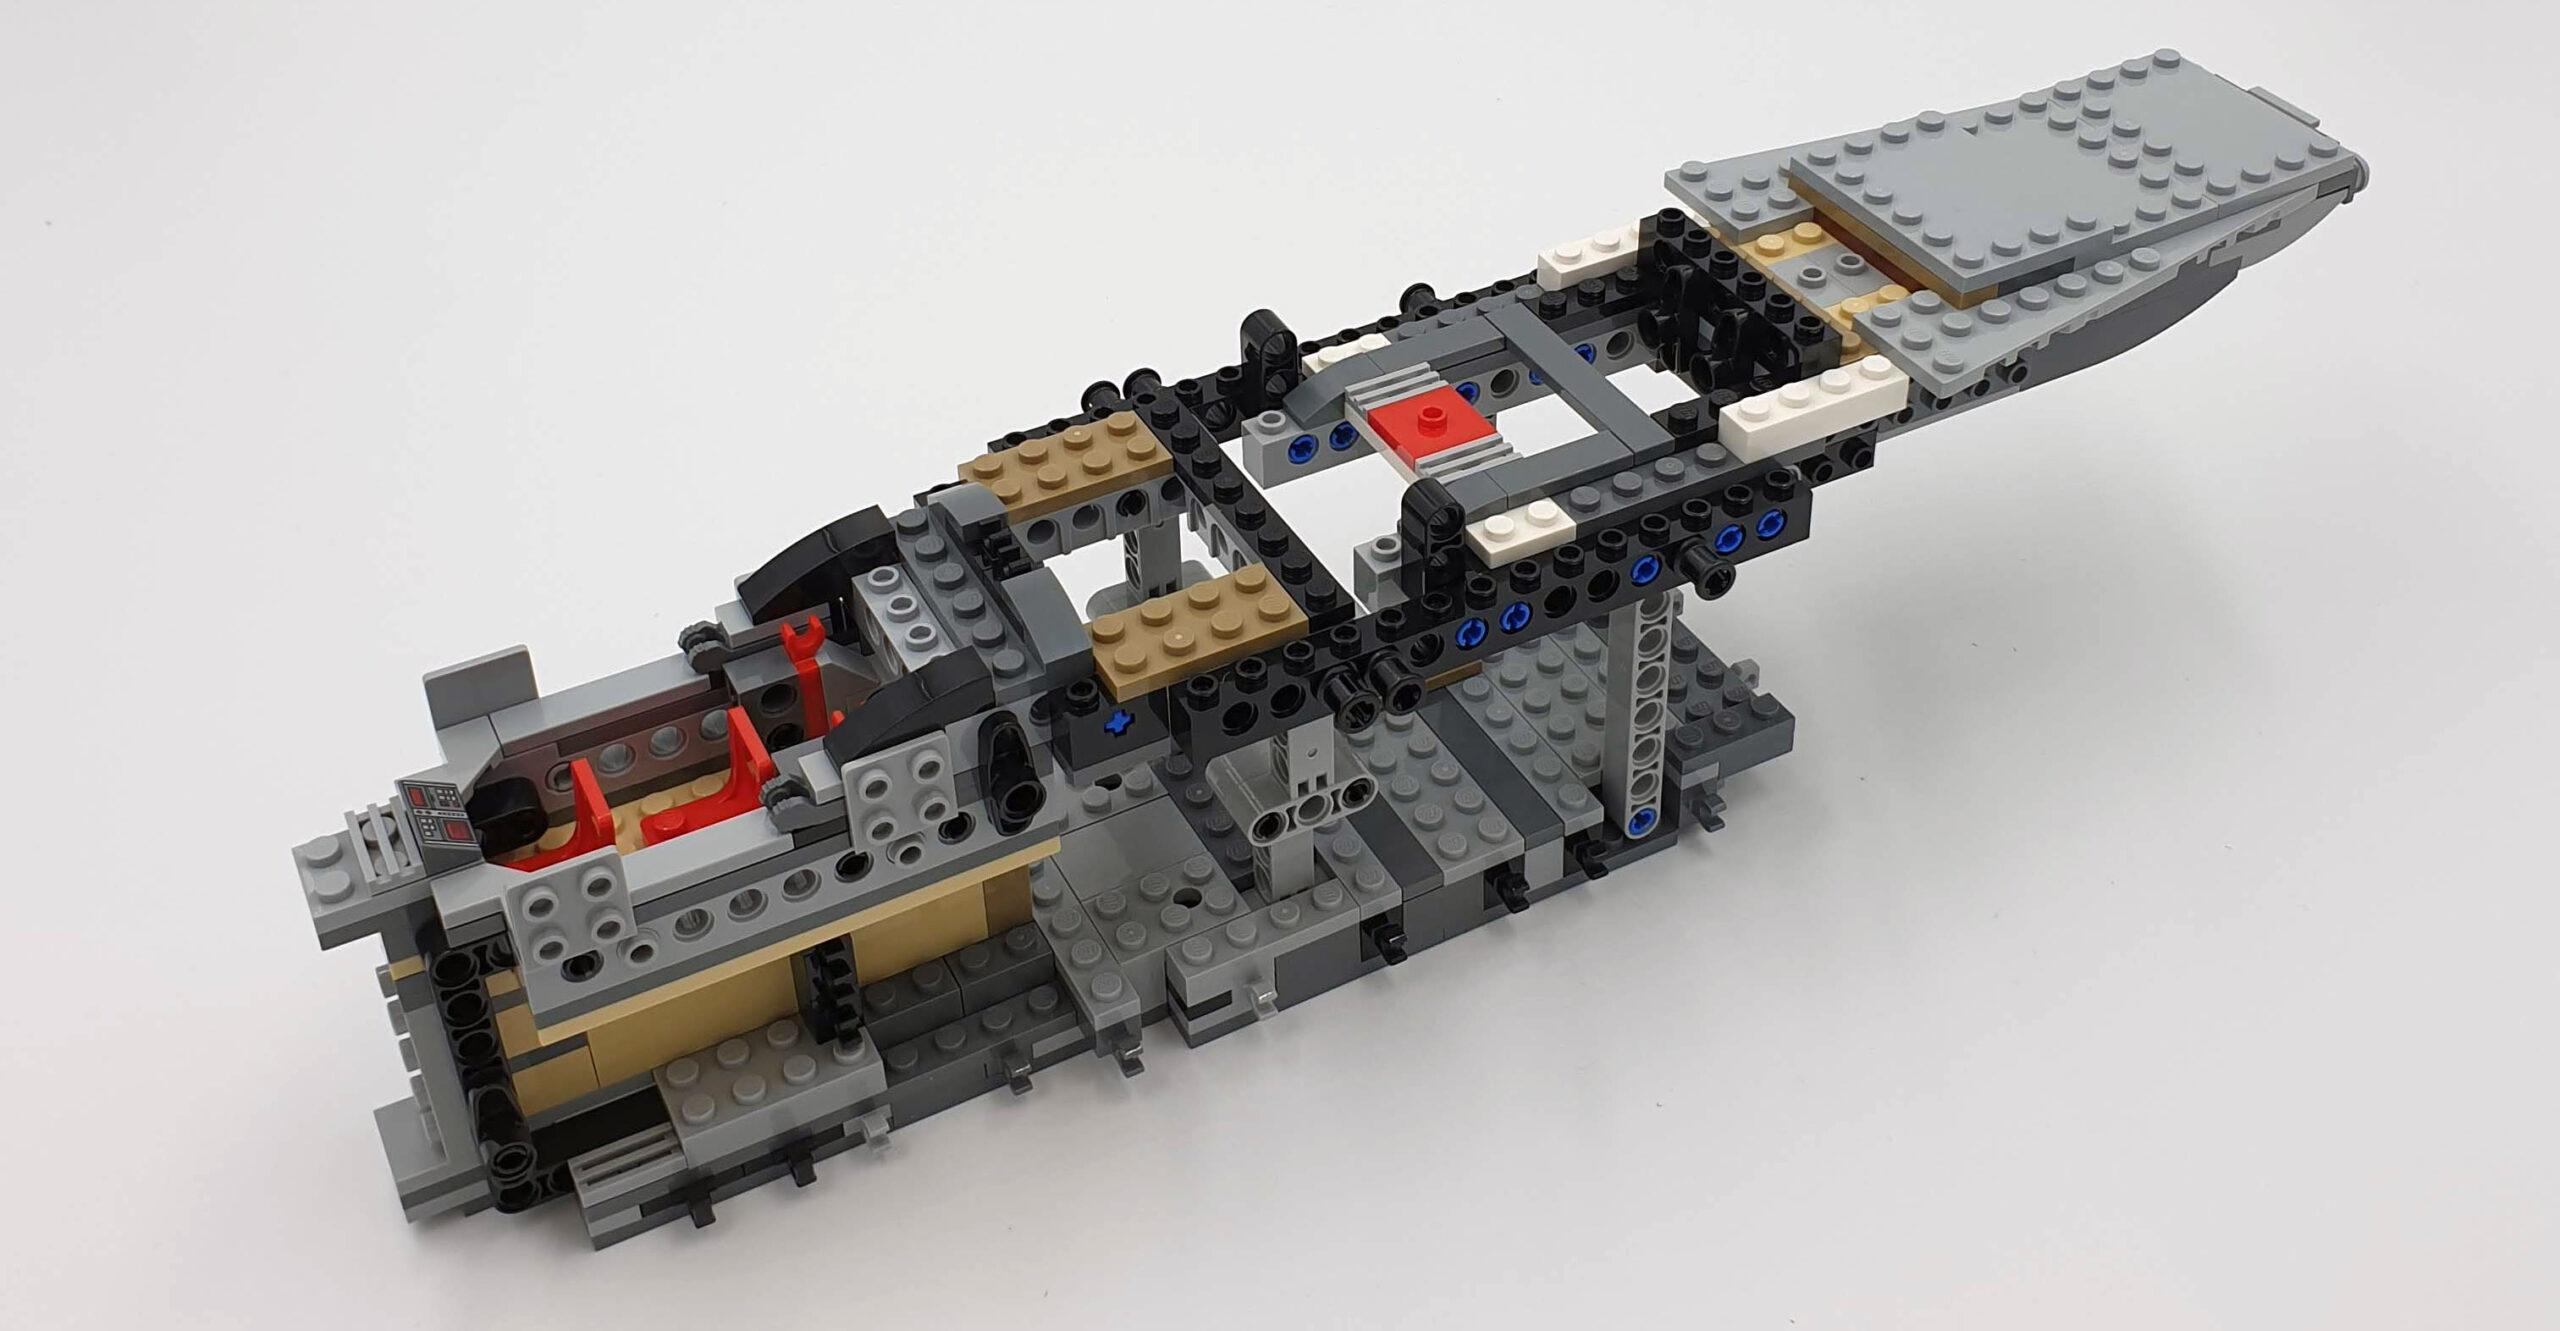 LEGO 75292 The Razor Crest